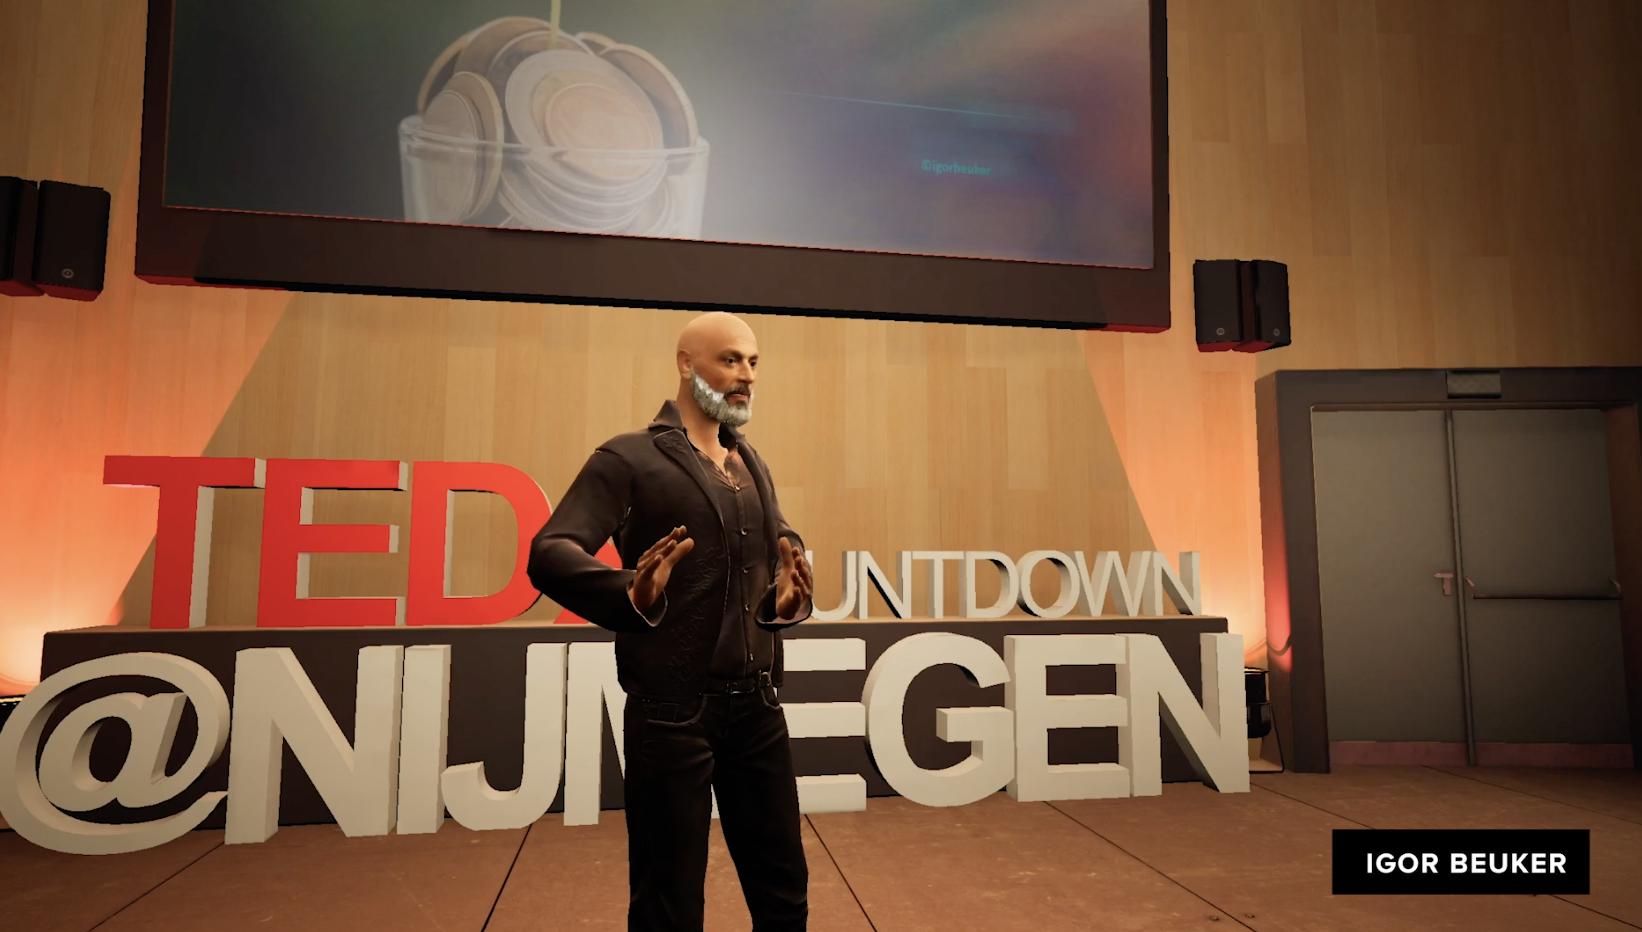 VIRTUAL-REALITY-KEYNOTE-SPEAKER-IGOR-BEUKER-TEDx-BEEMUP-VIRTUAL-EVENTS-2MB